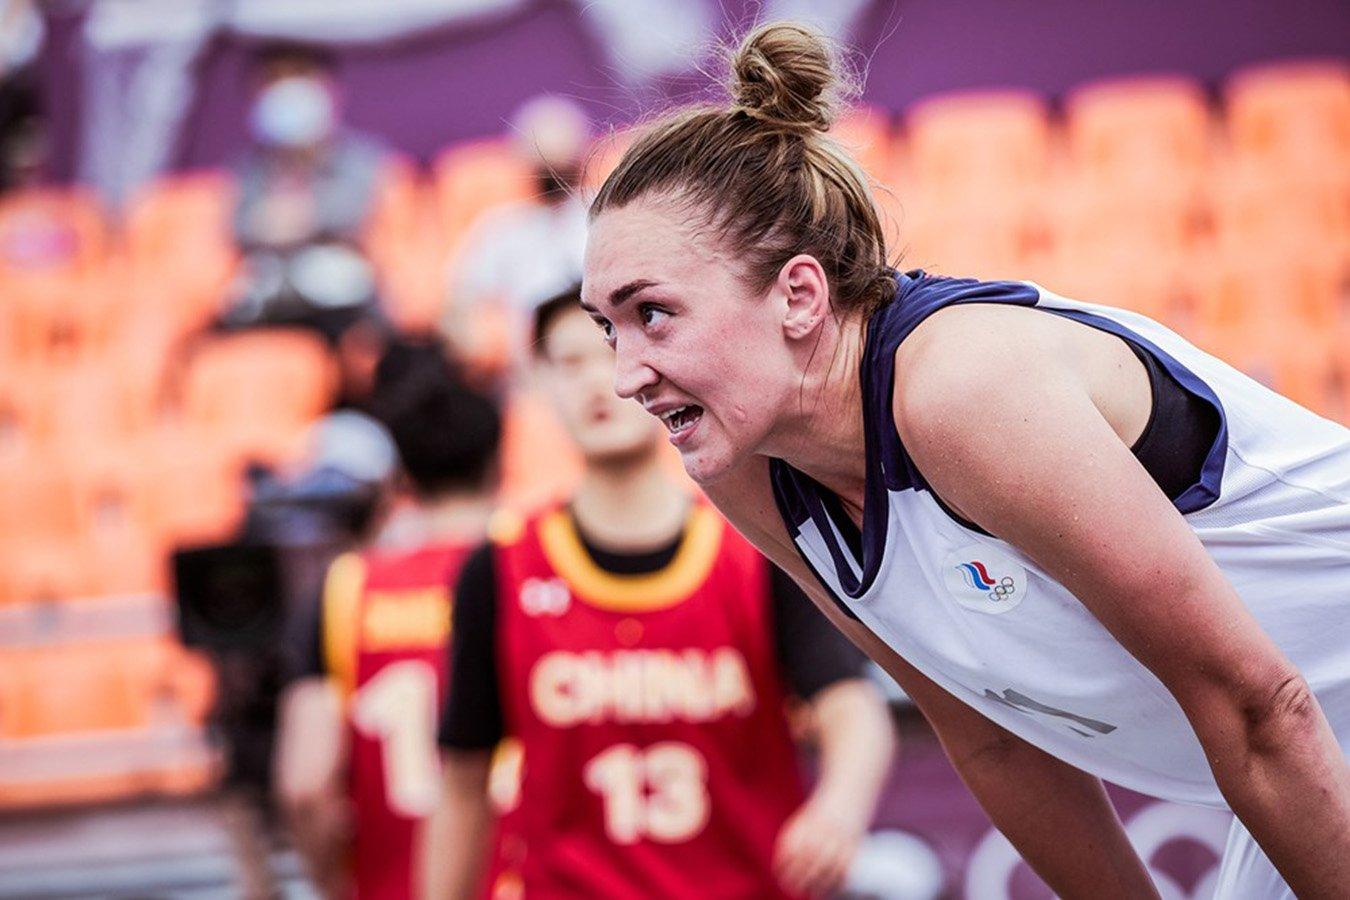 Олимпиада-2020, баскетбол 3х3: женская сборная России разгромила Китай и встретится в финале с США